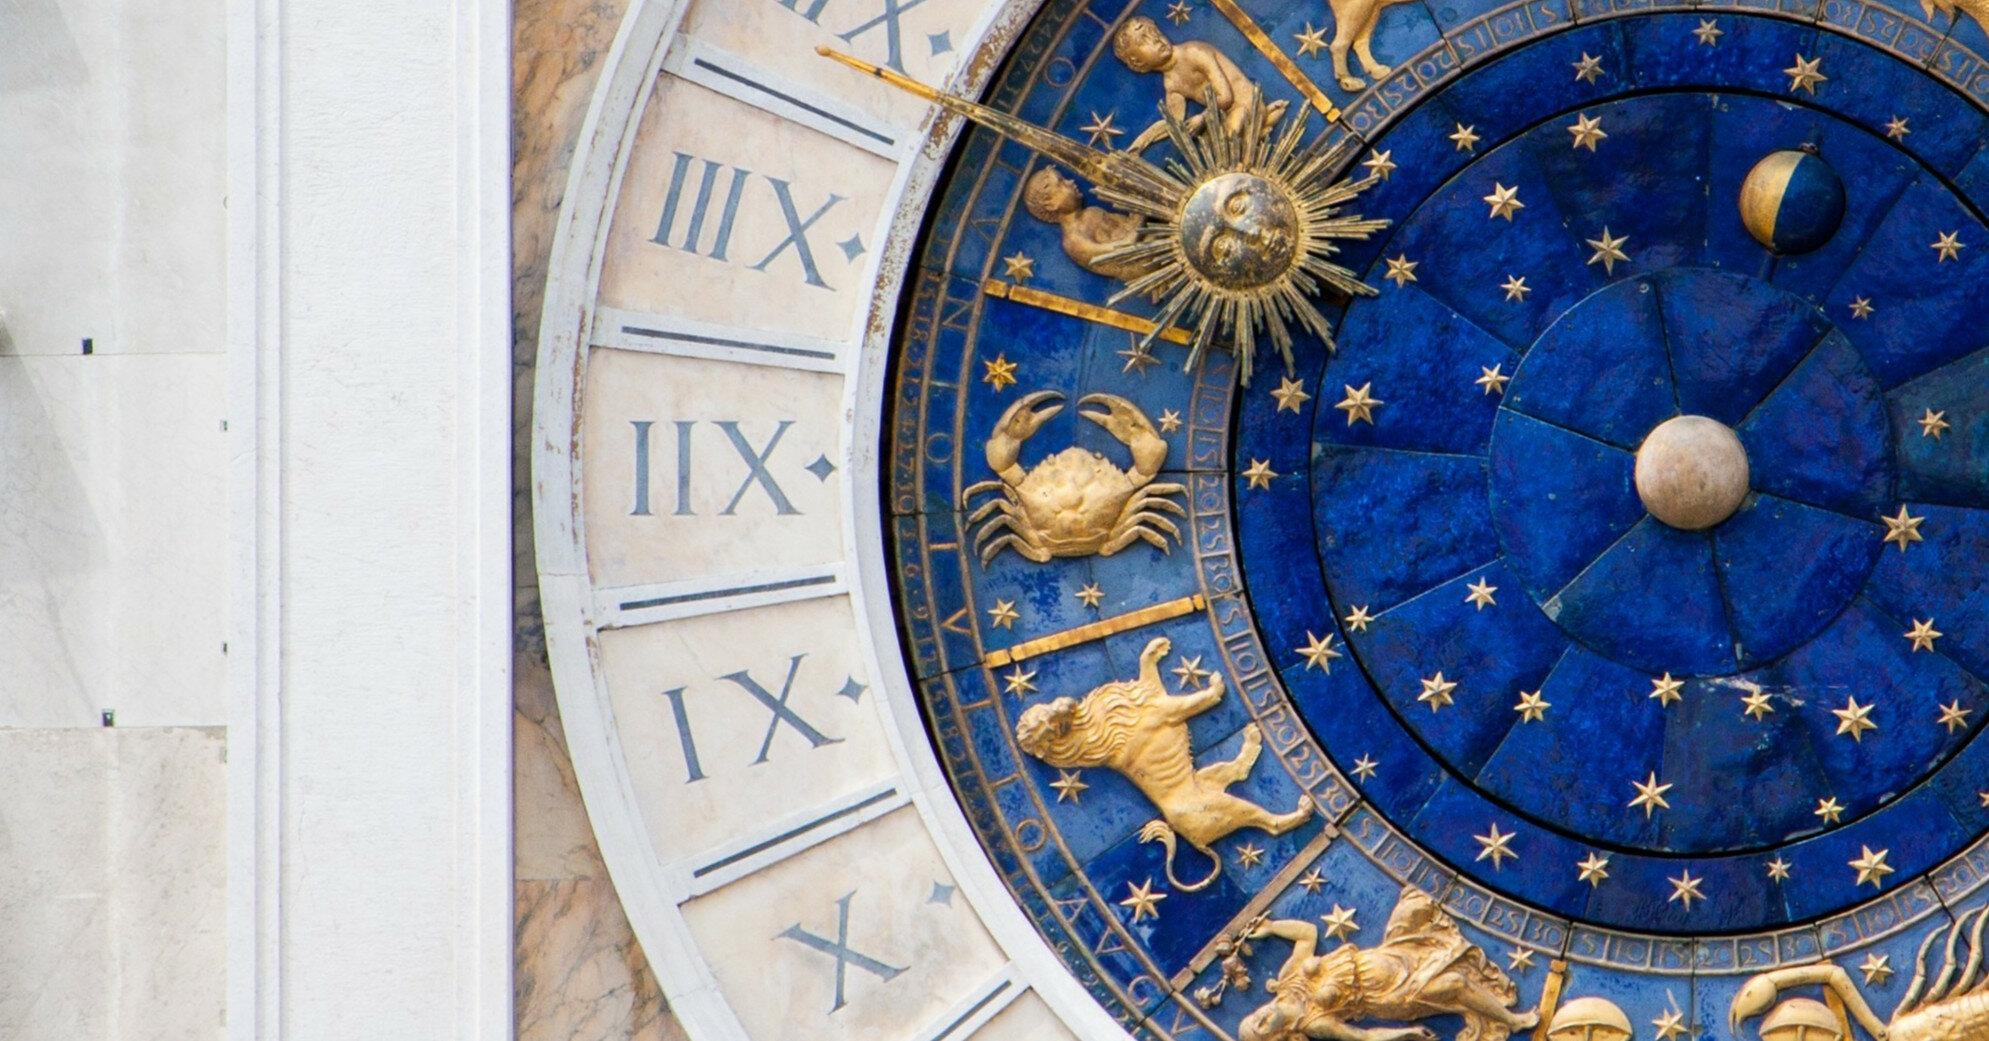 Гороскоп на 13 июля для всех знаков зодиака